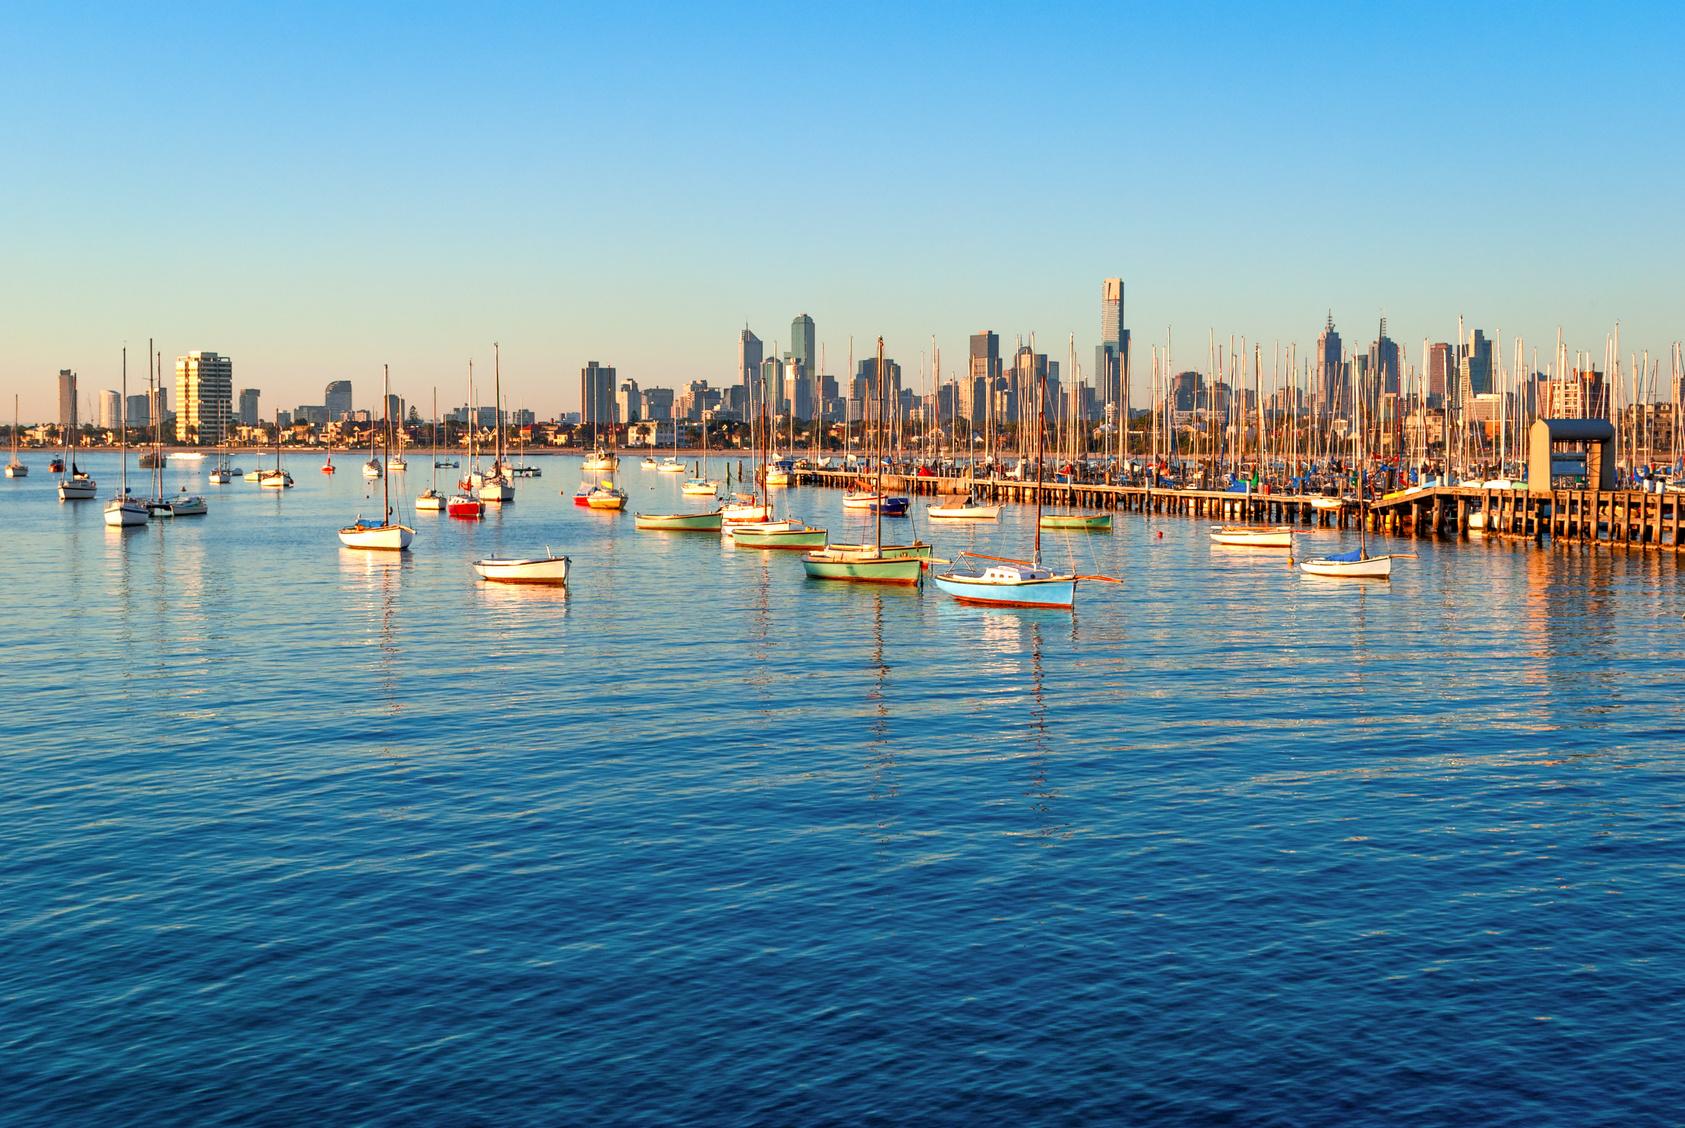 les choses incontournables à visiter à Melbourne